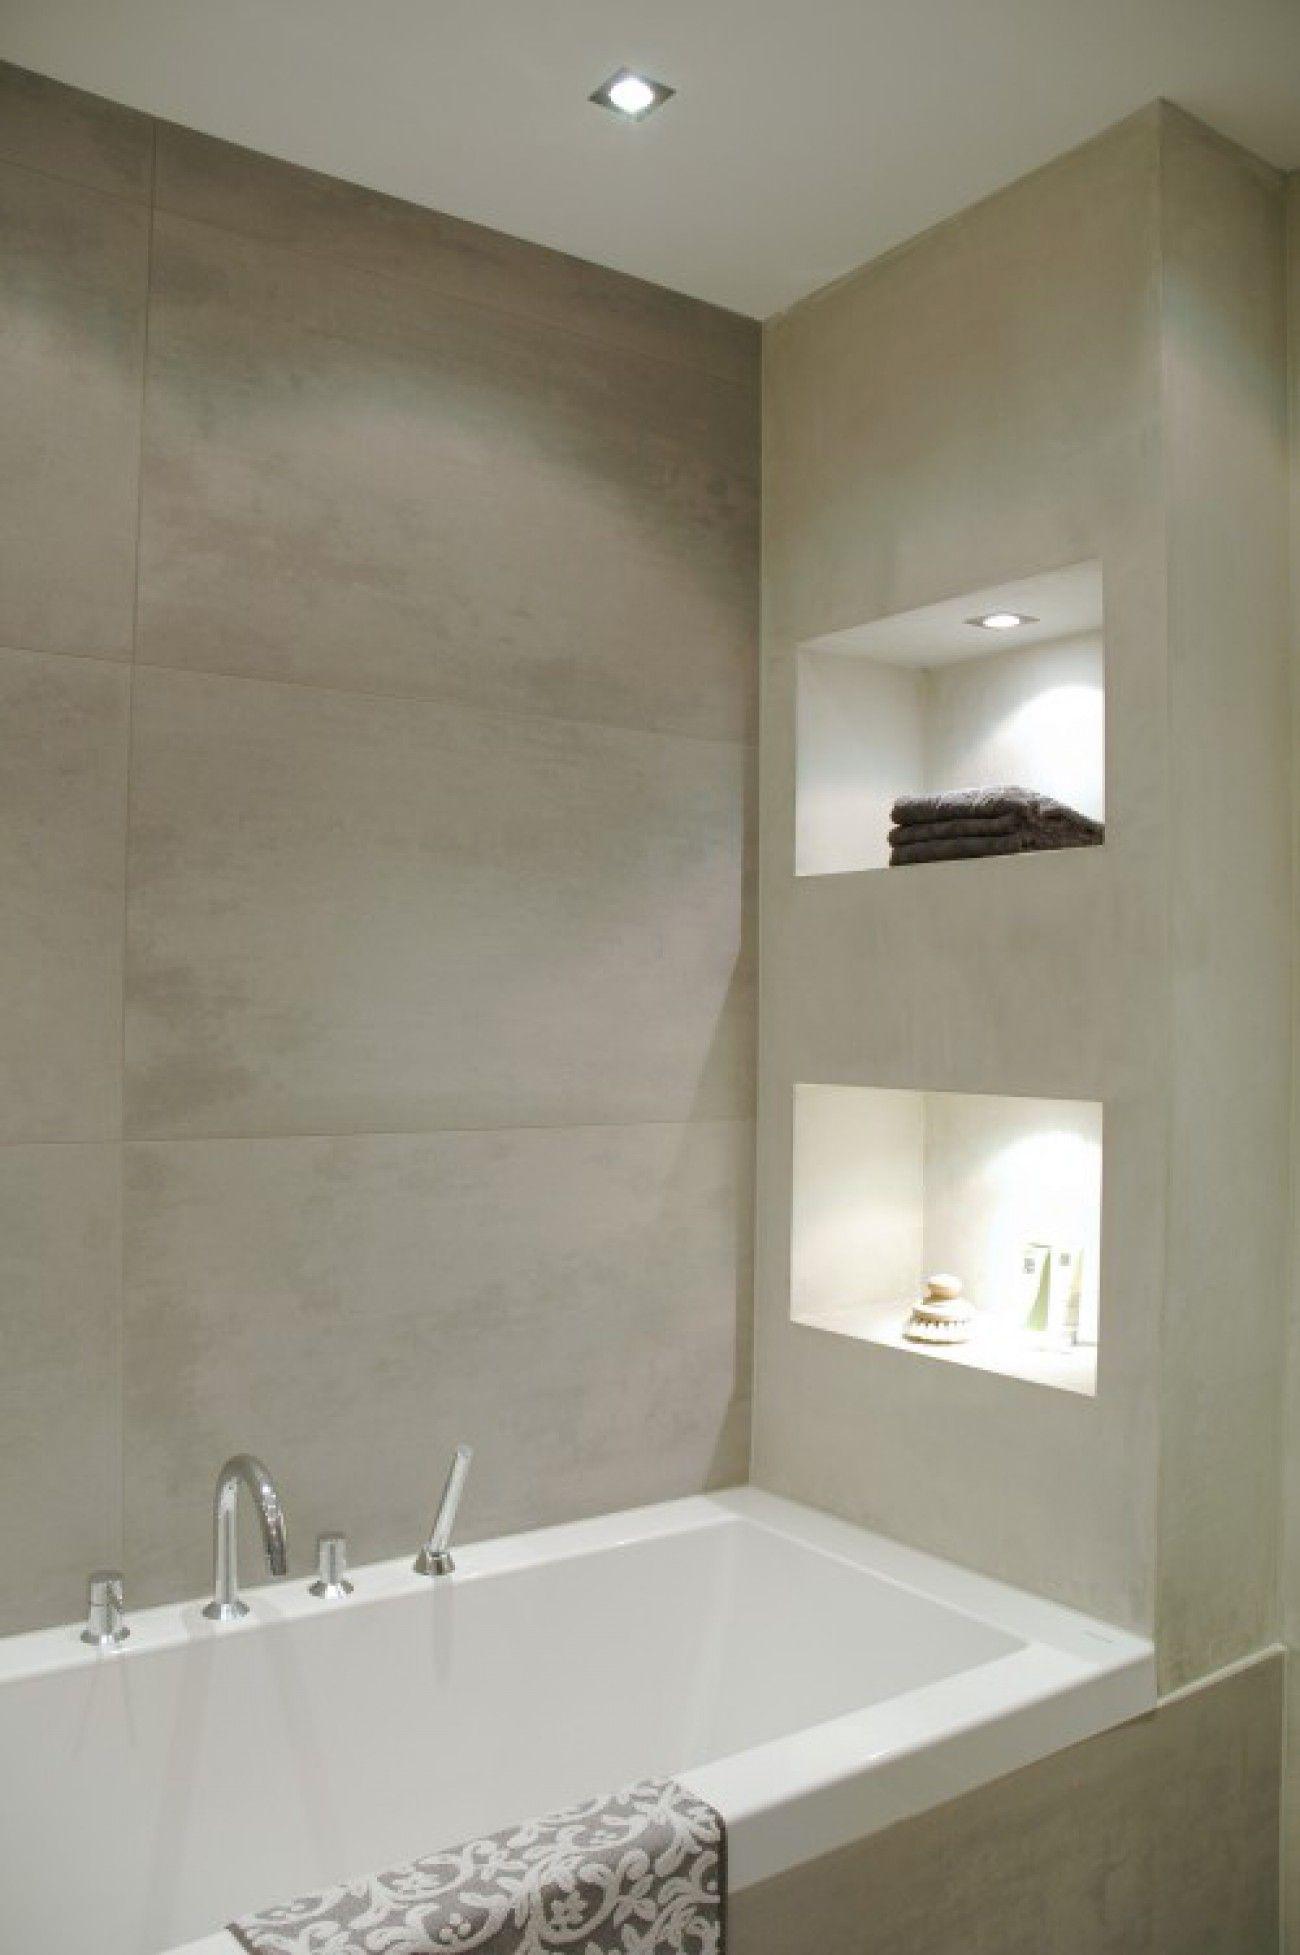 mooie tegels voor in de badkamer Nis in wit/lichte kleur tegel of ...